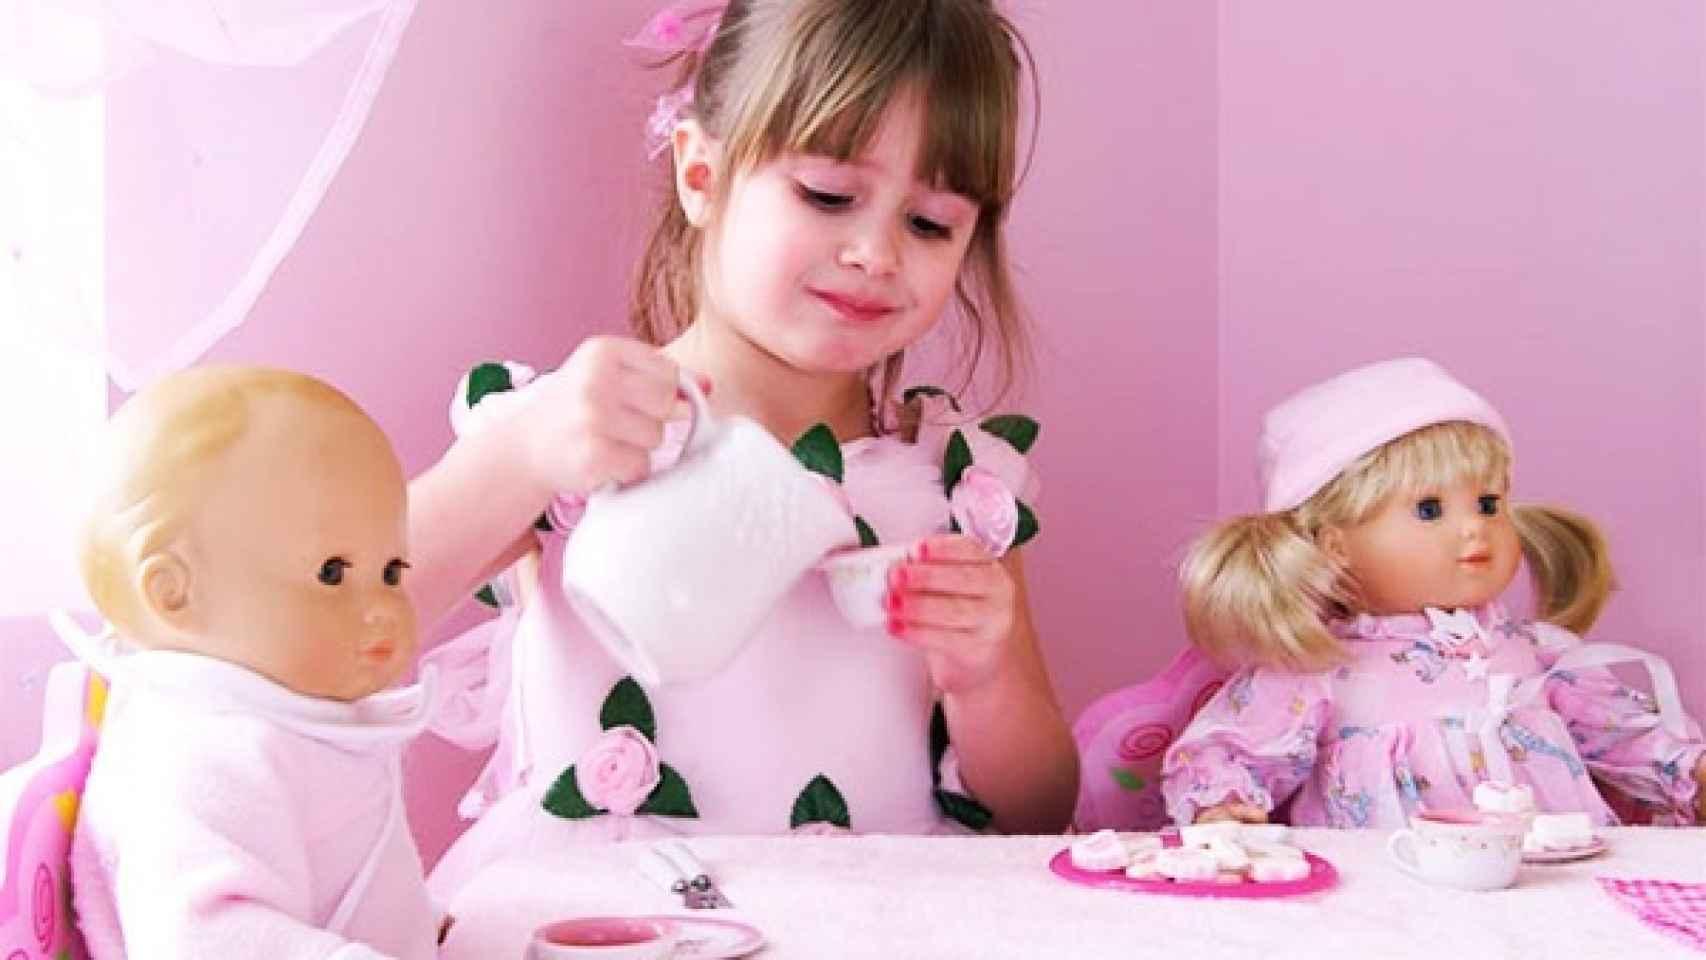 Según un estudio del Instituto de la Mujer, el 11% de los anuncios de juguetes sexualiza a las niñas.